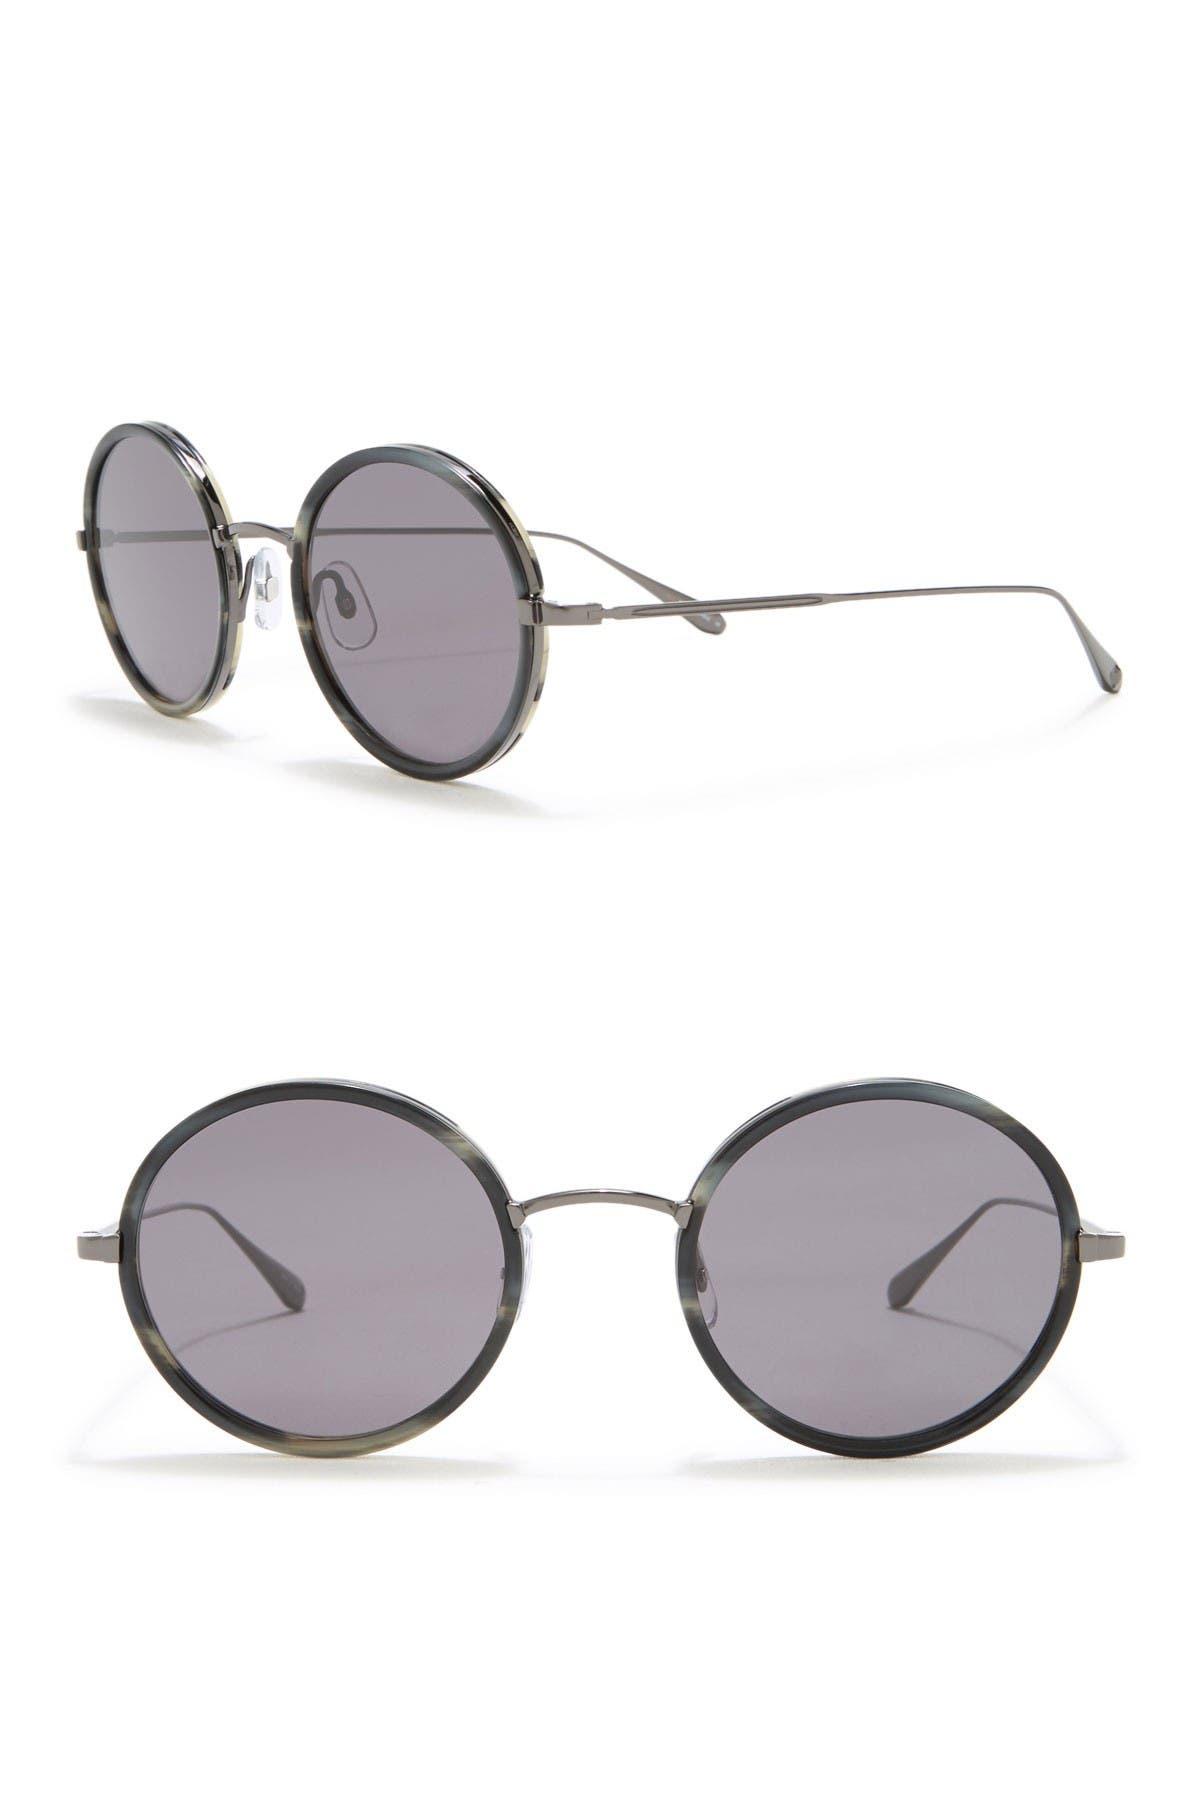 Image of GARRETT LEIGHT Playa 50mm Round Sunglasses